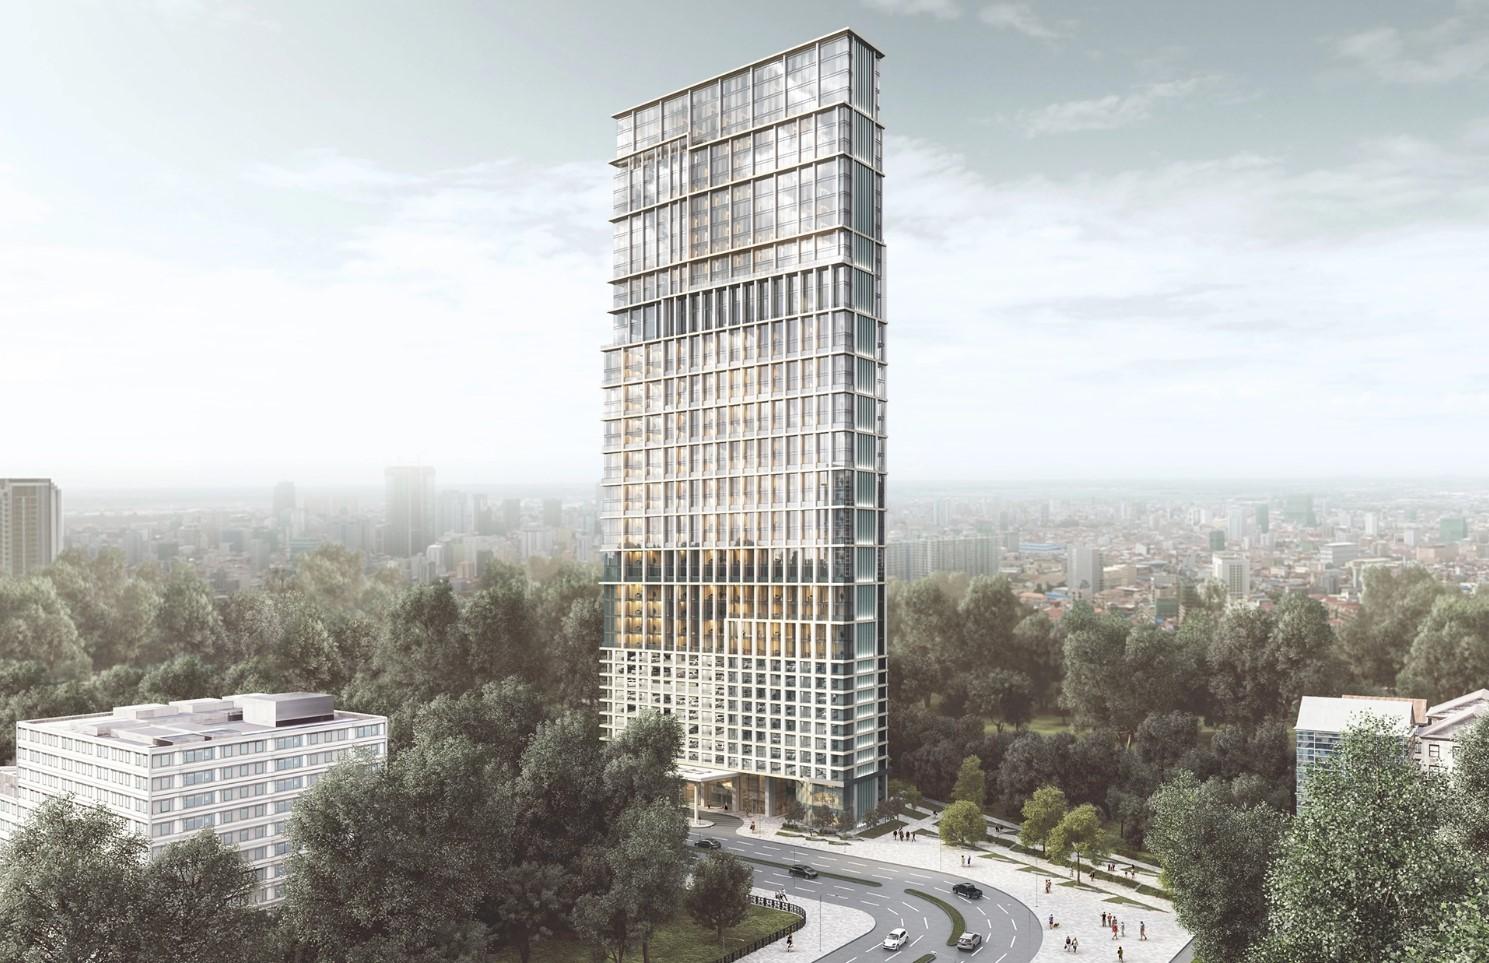 Bird's-Eye 3D View of a High-Rise Business Center